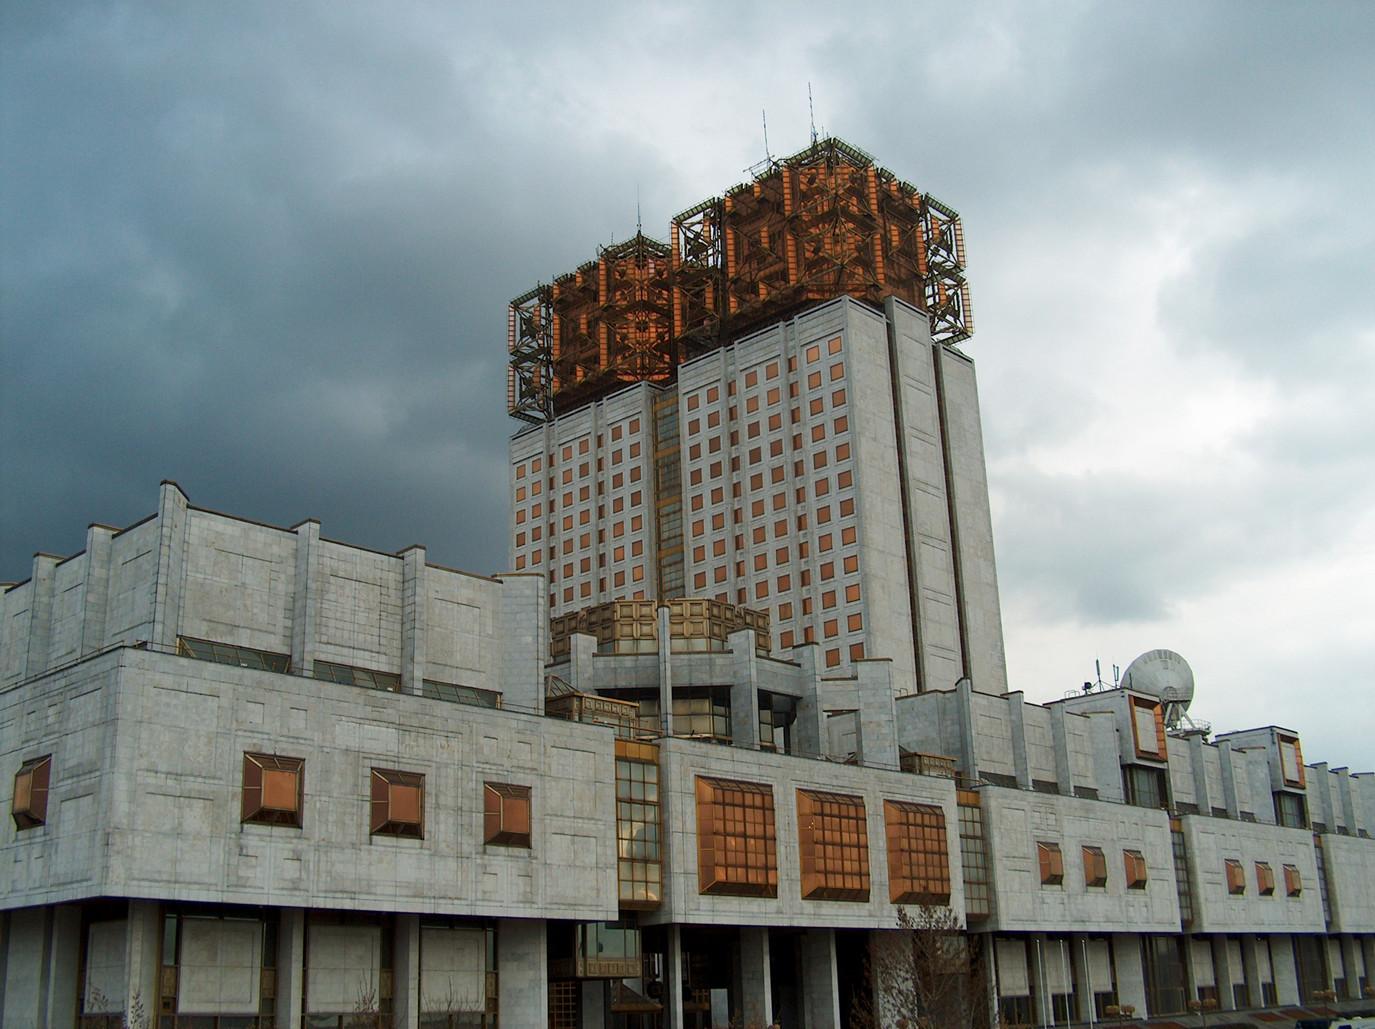 Практически 400 академиков РАН иученых написали обращение кПутину